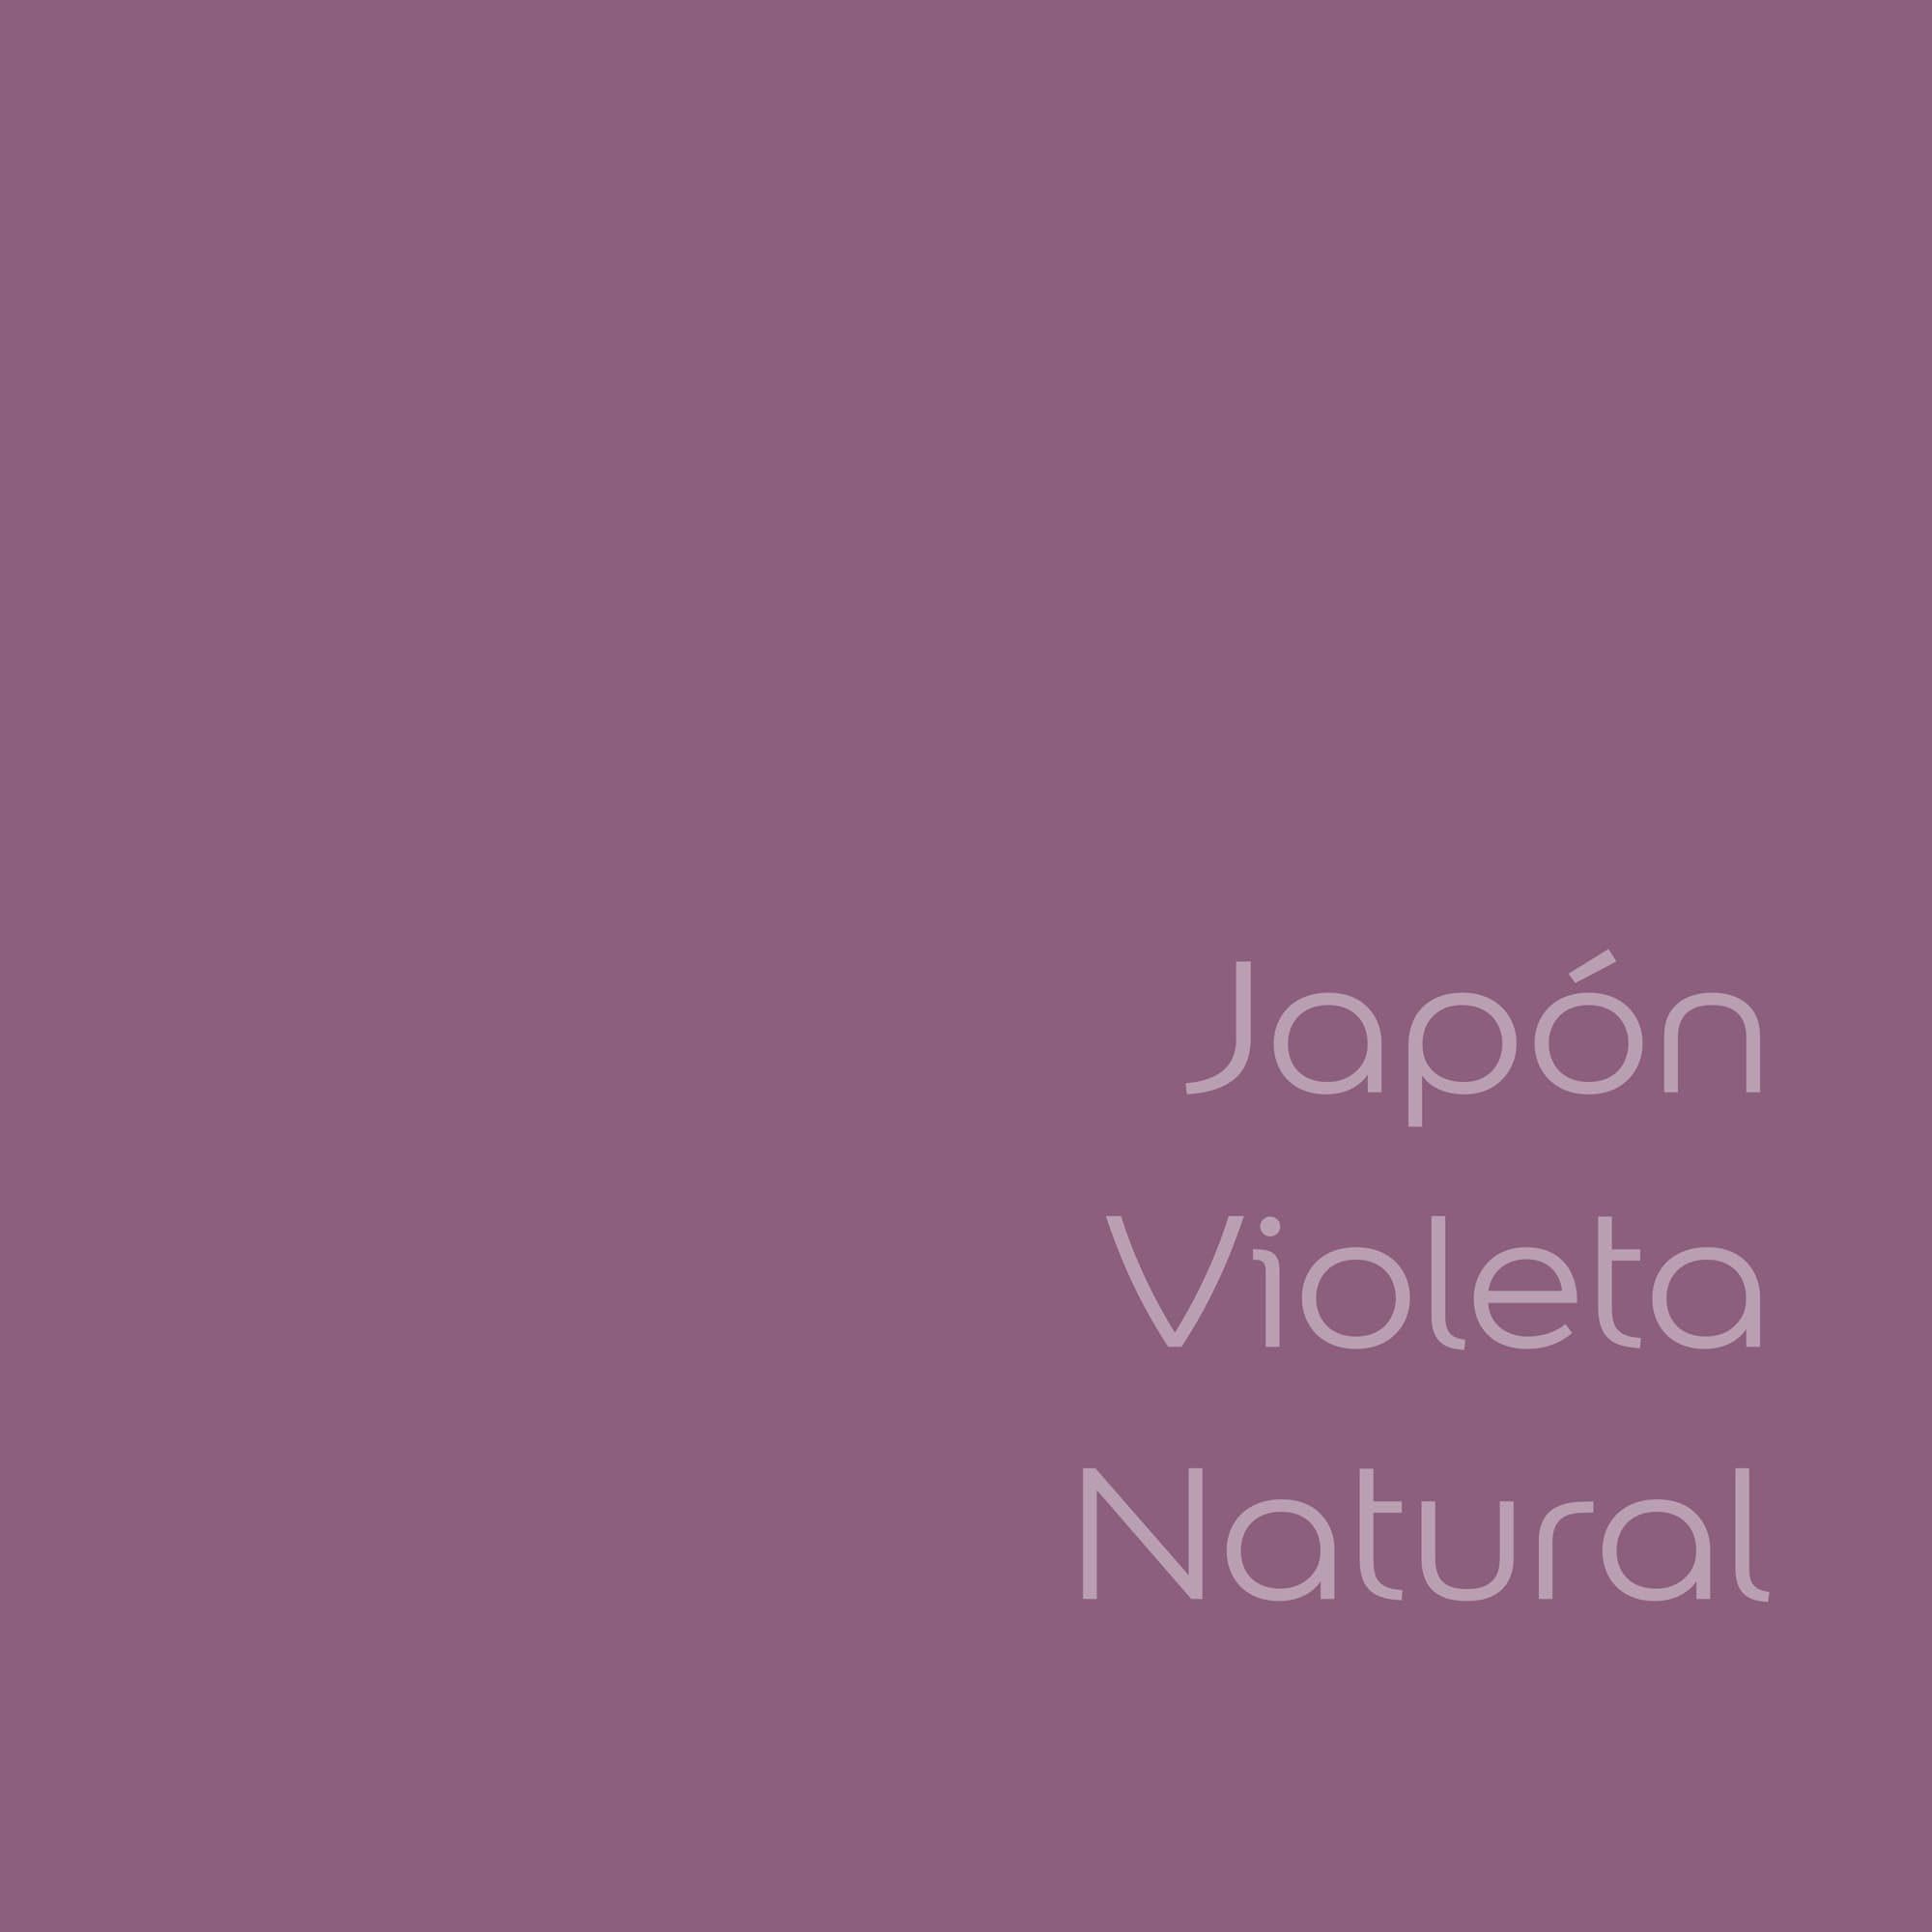 tester de color de pintura bruguer cdm japon violeta natural color